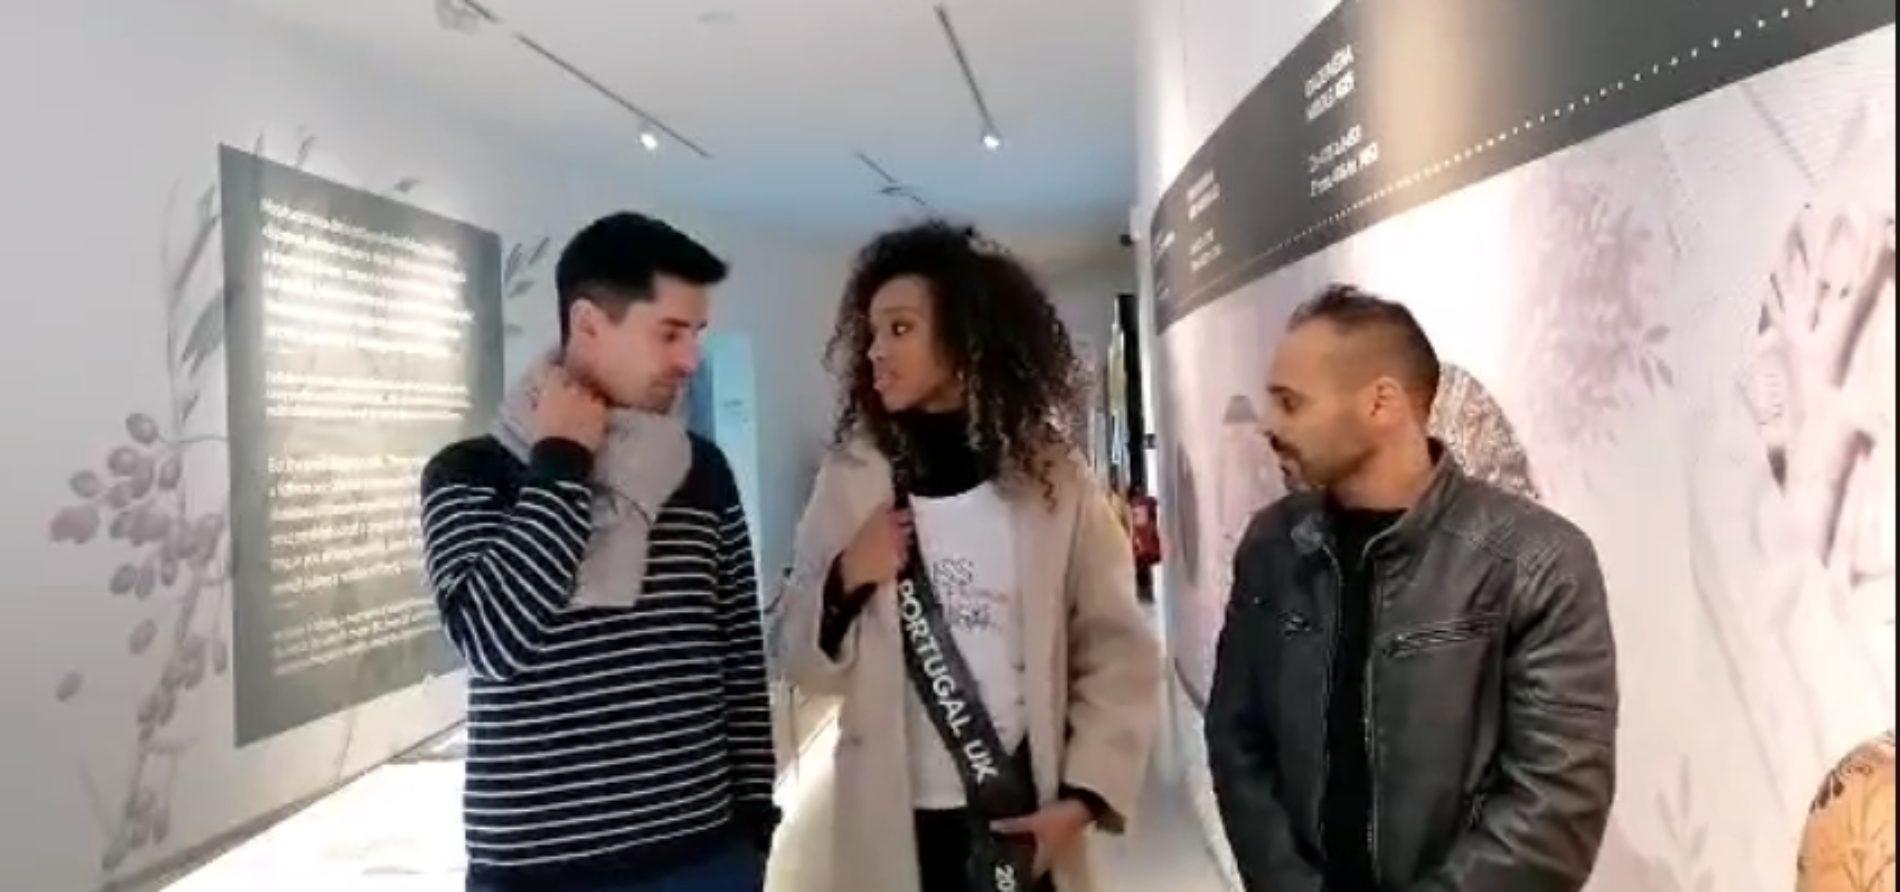 Miss Queen 2019: Rádio Boa Nova em reportagem no Museu do Azeite (com vídeo)